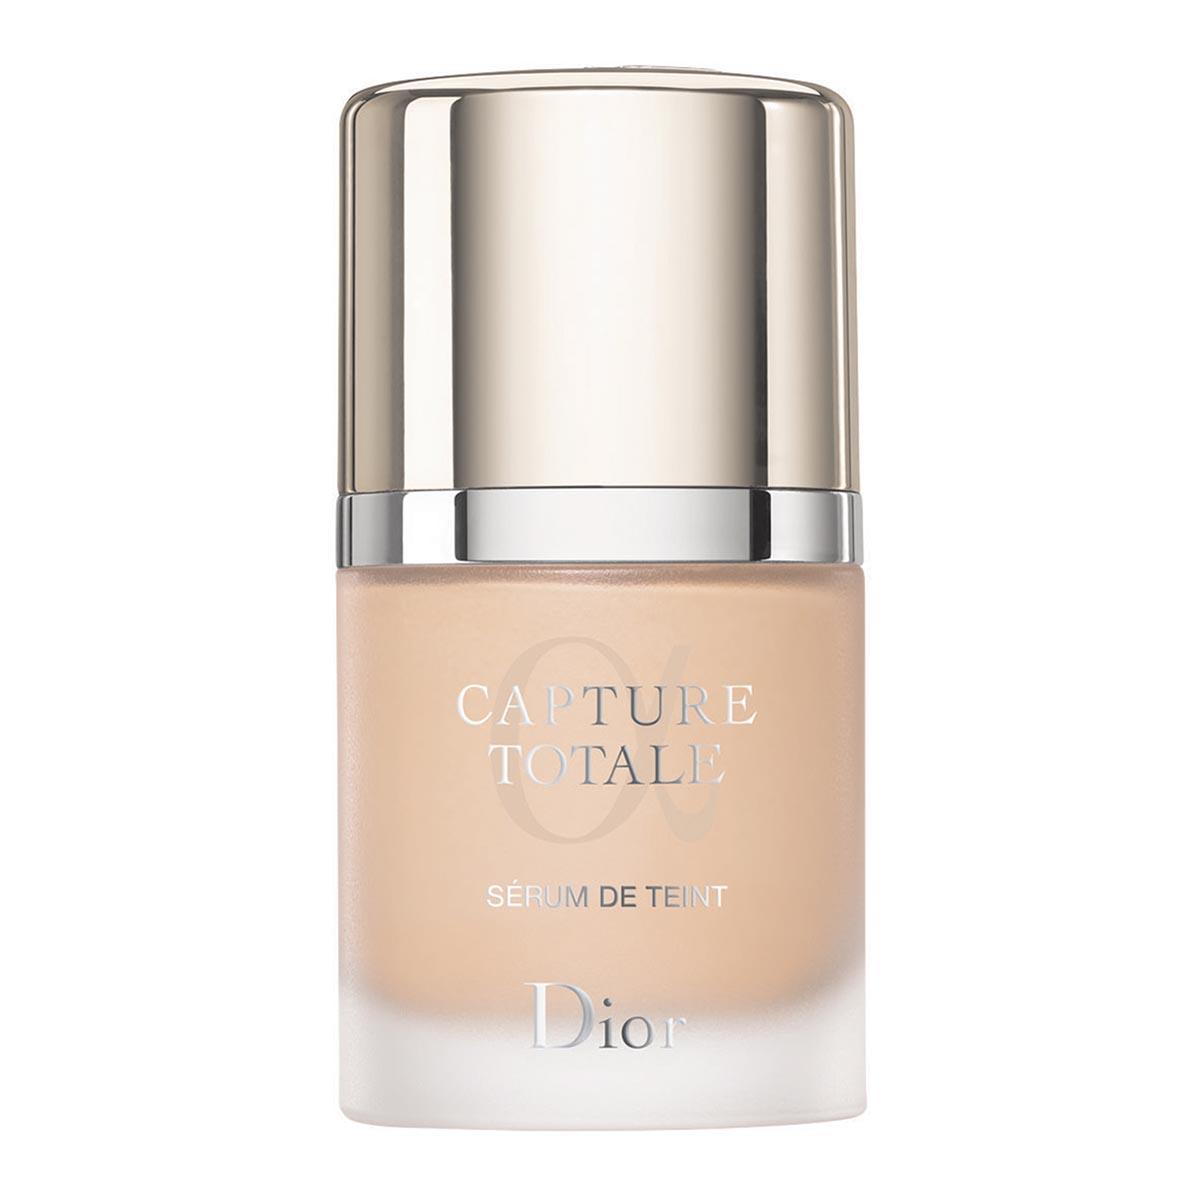 Dior capture totale serum de teint 022 30ml